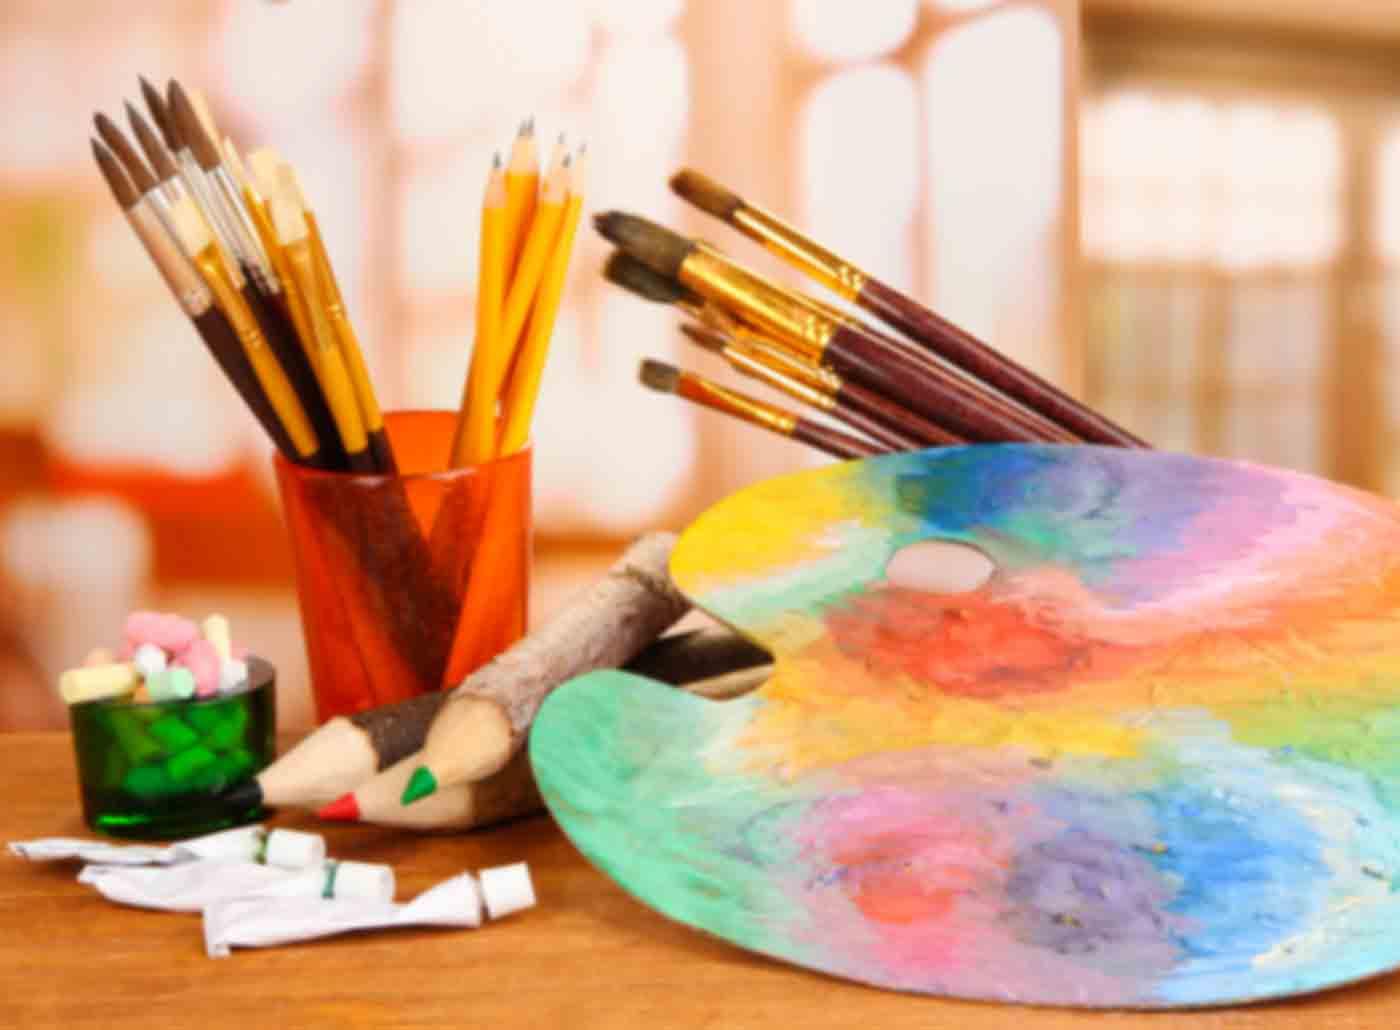 [FEE] Atelier peinture, Le 24 février 2018 à 14h au local